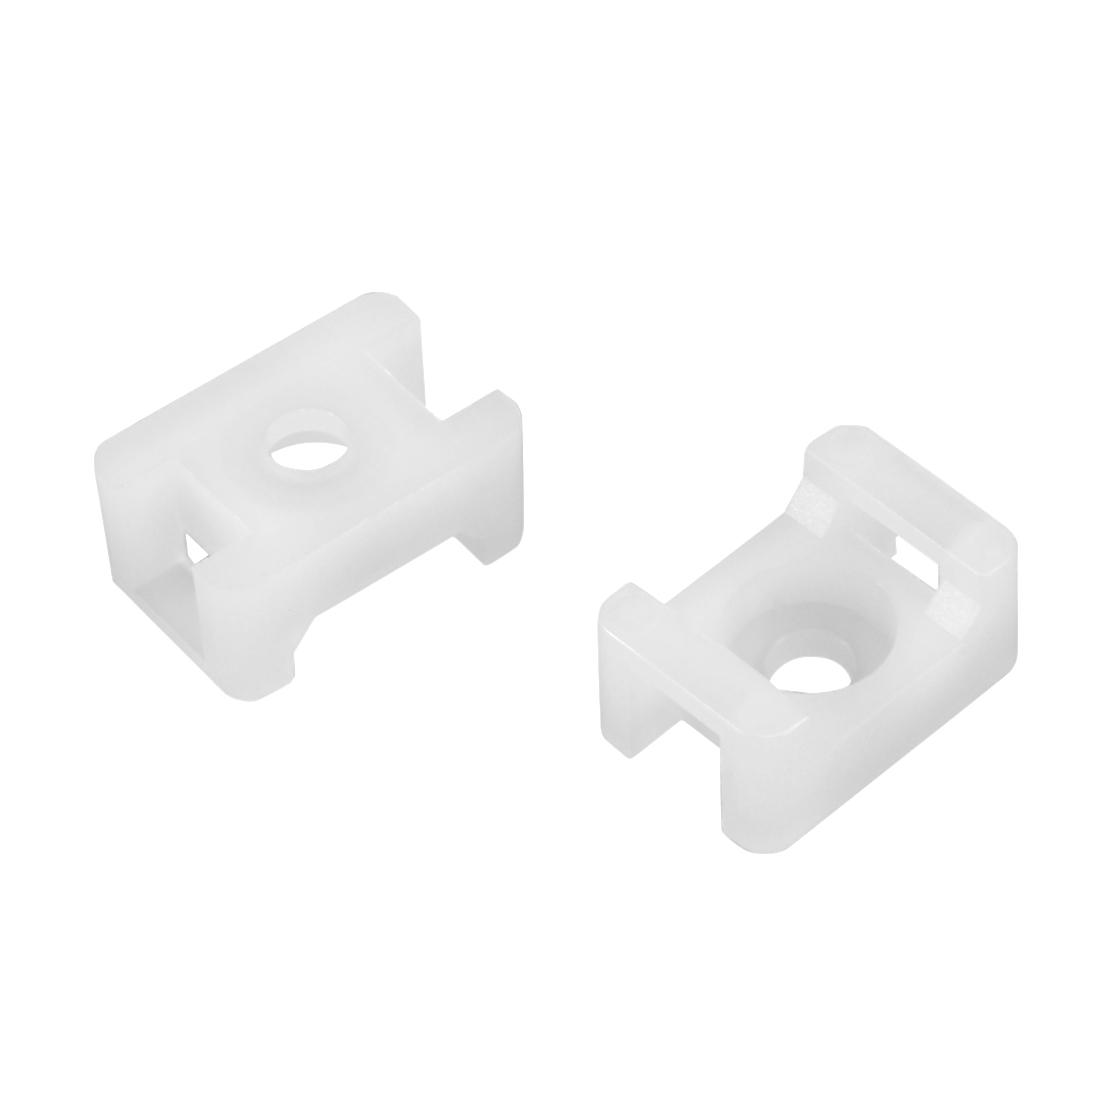 Cable Tie Base Saddle Type Wire Holder Nylon 5.2mm Hole Width White 60Pcs HC-1